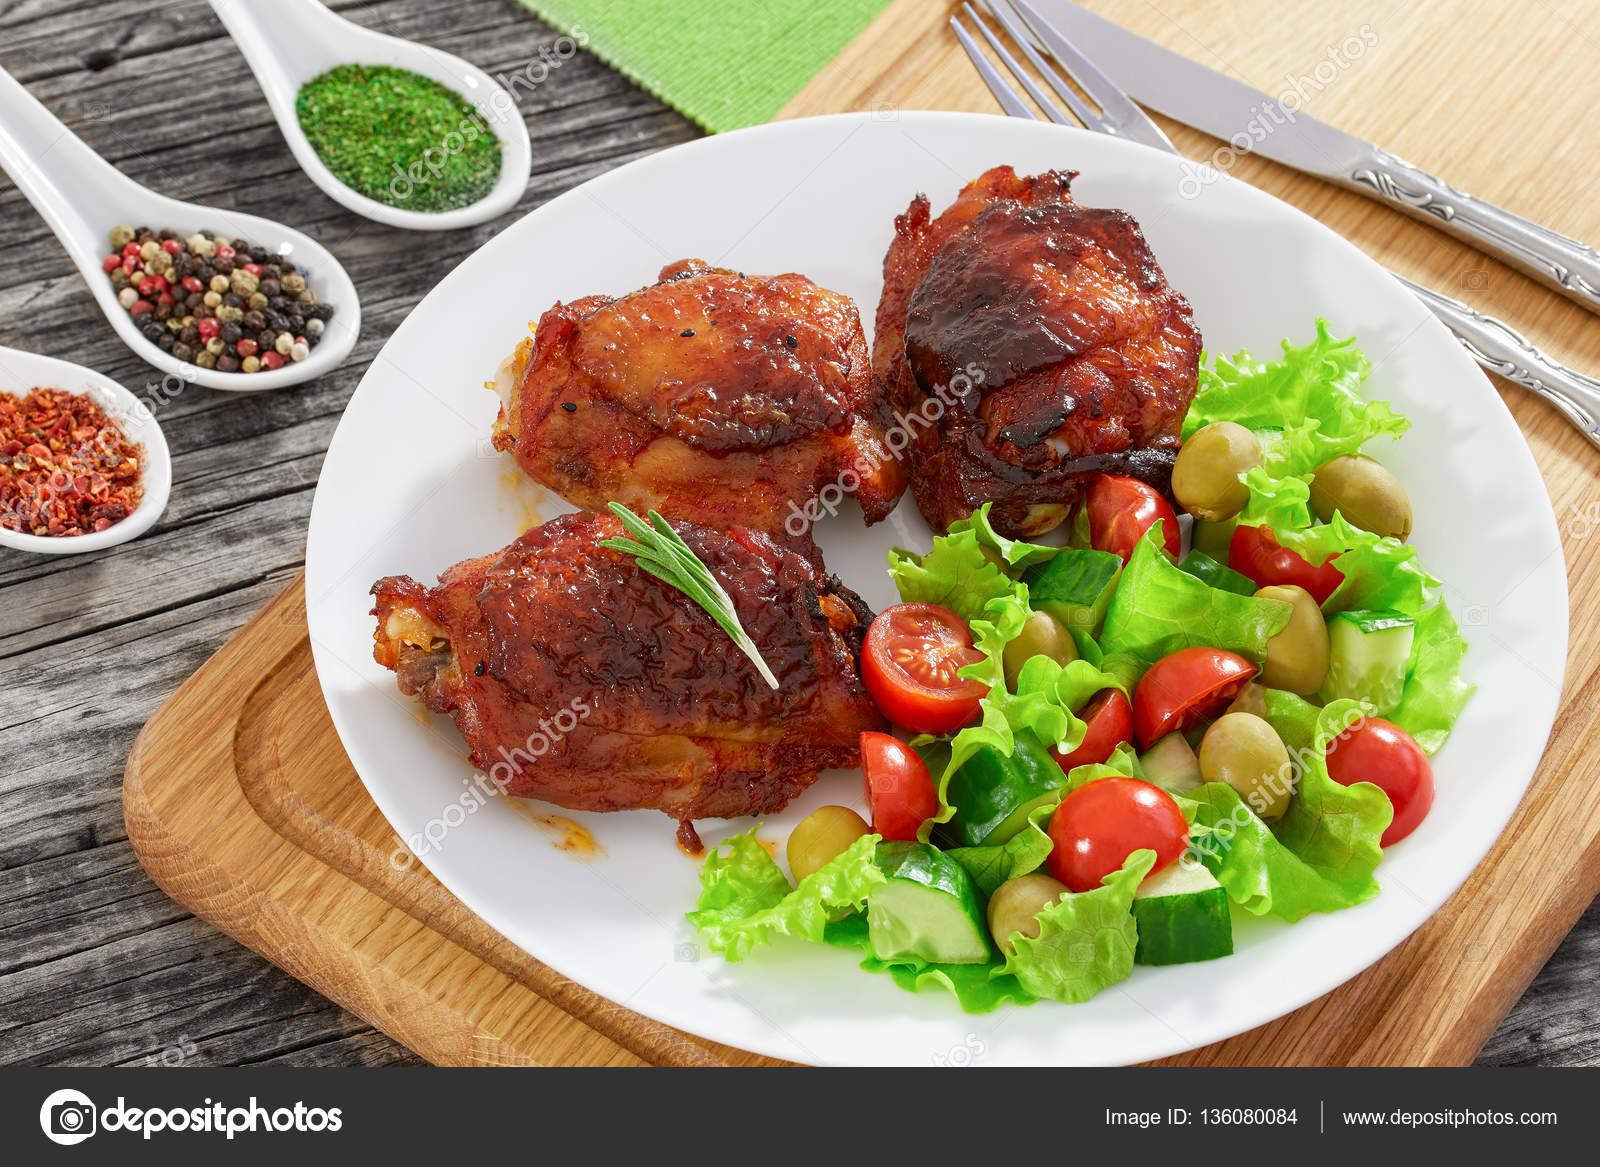 Tavuk uylukları. Yemek tarifleri